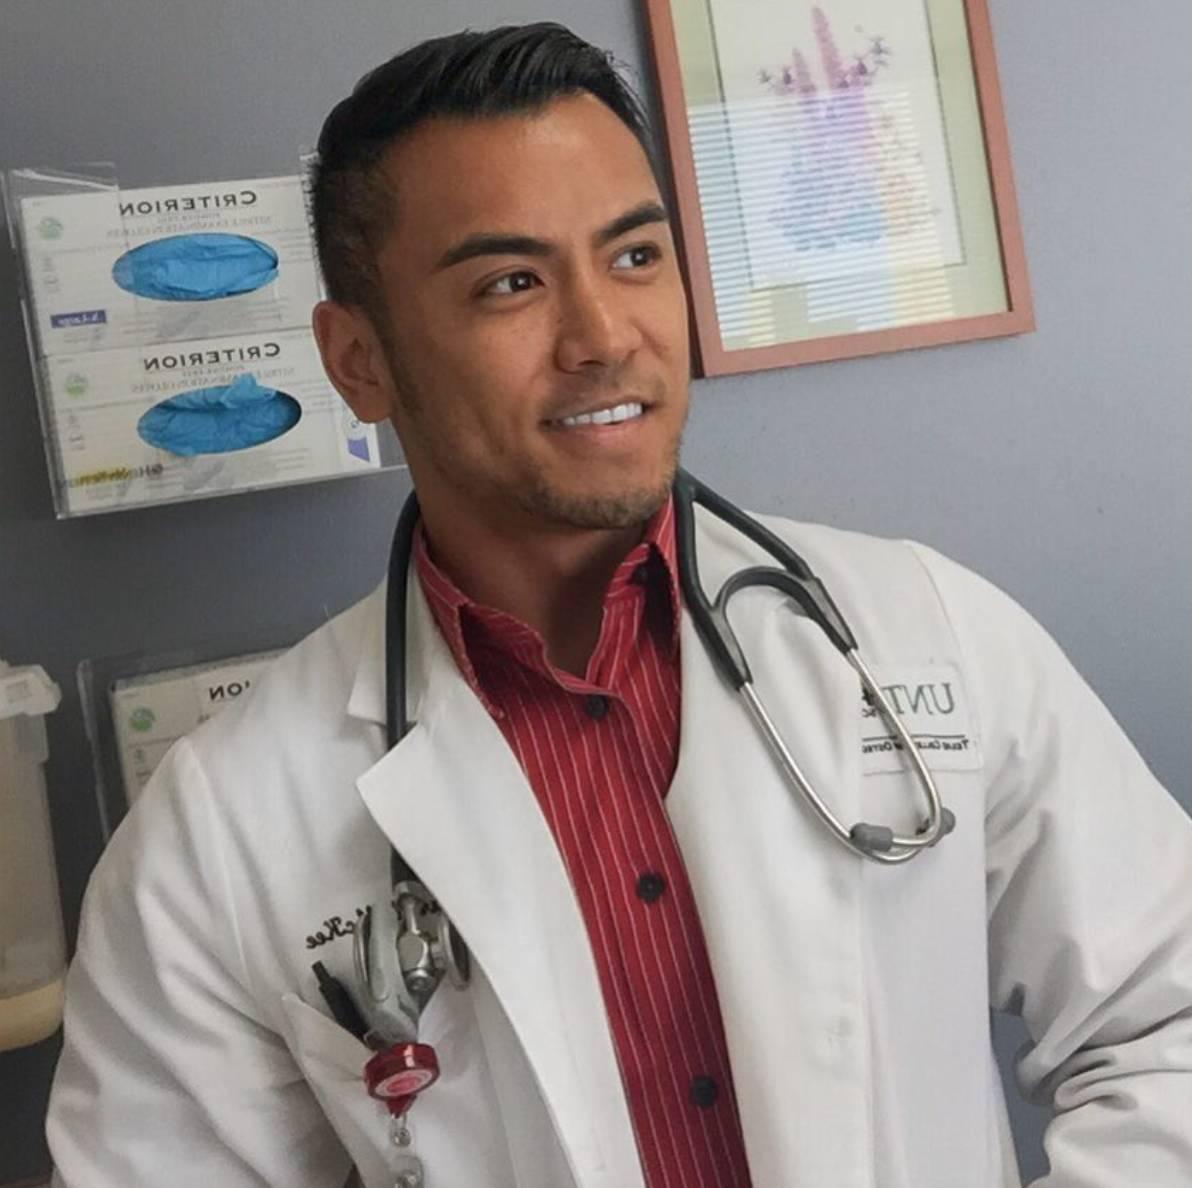 身材好到爆的大四医学生,小小年纪就是健美专业人士